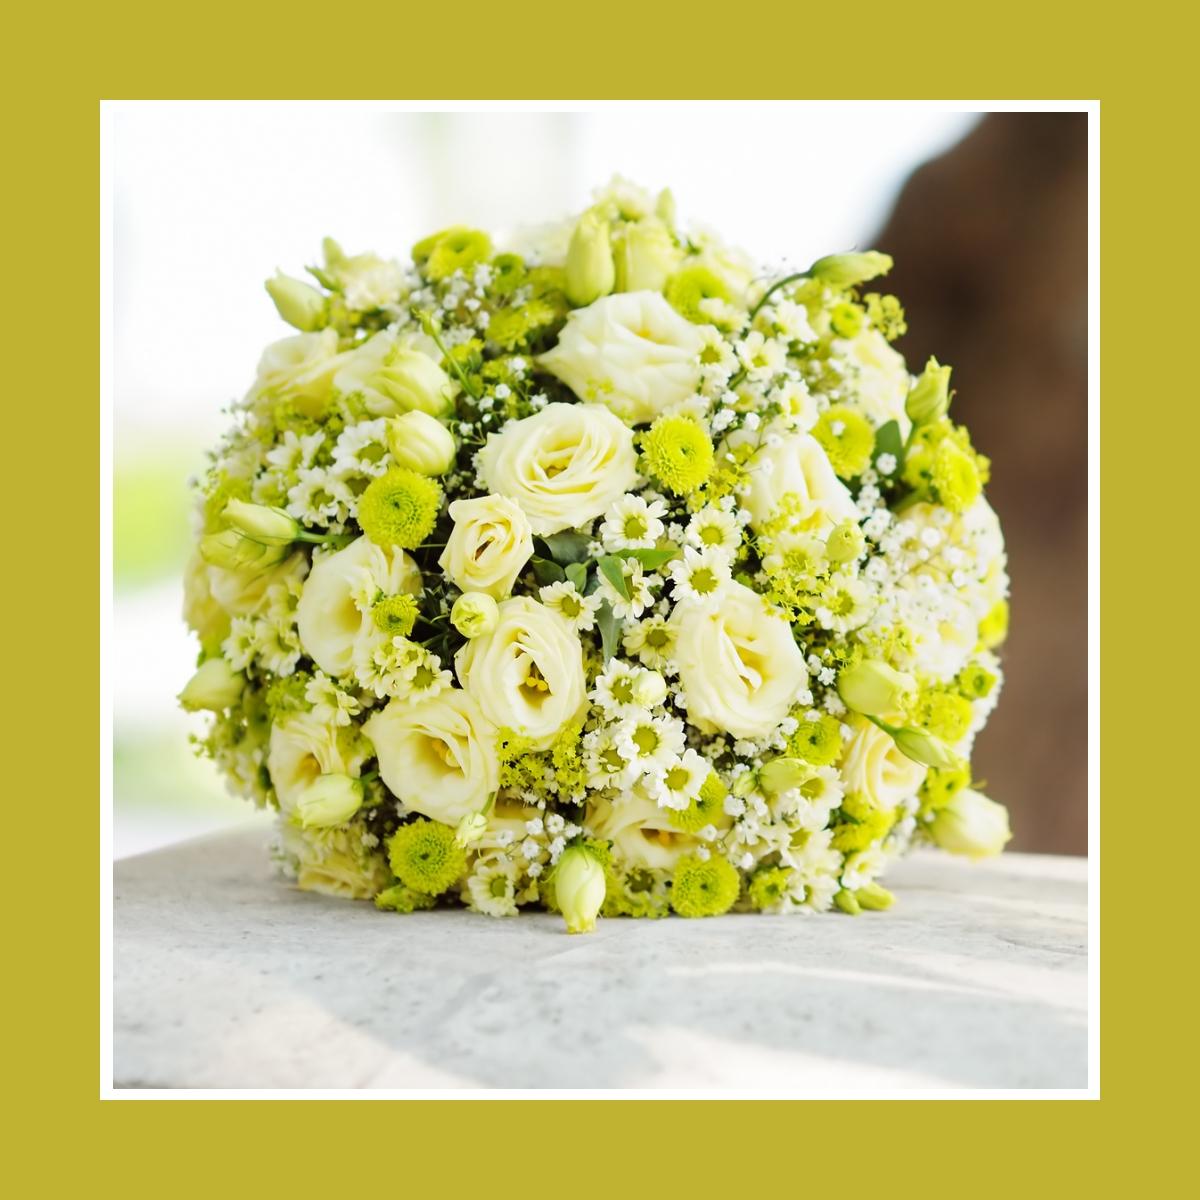 Brautstrauss Kugel Aus Kleinkopfigen Rosen Chrysanthemen Kamillen